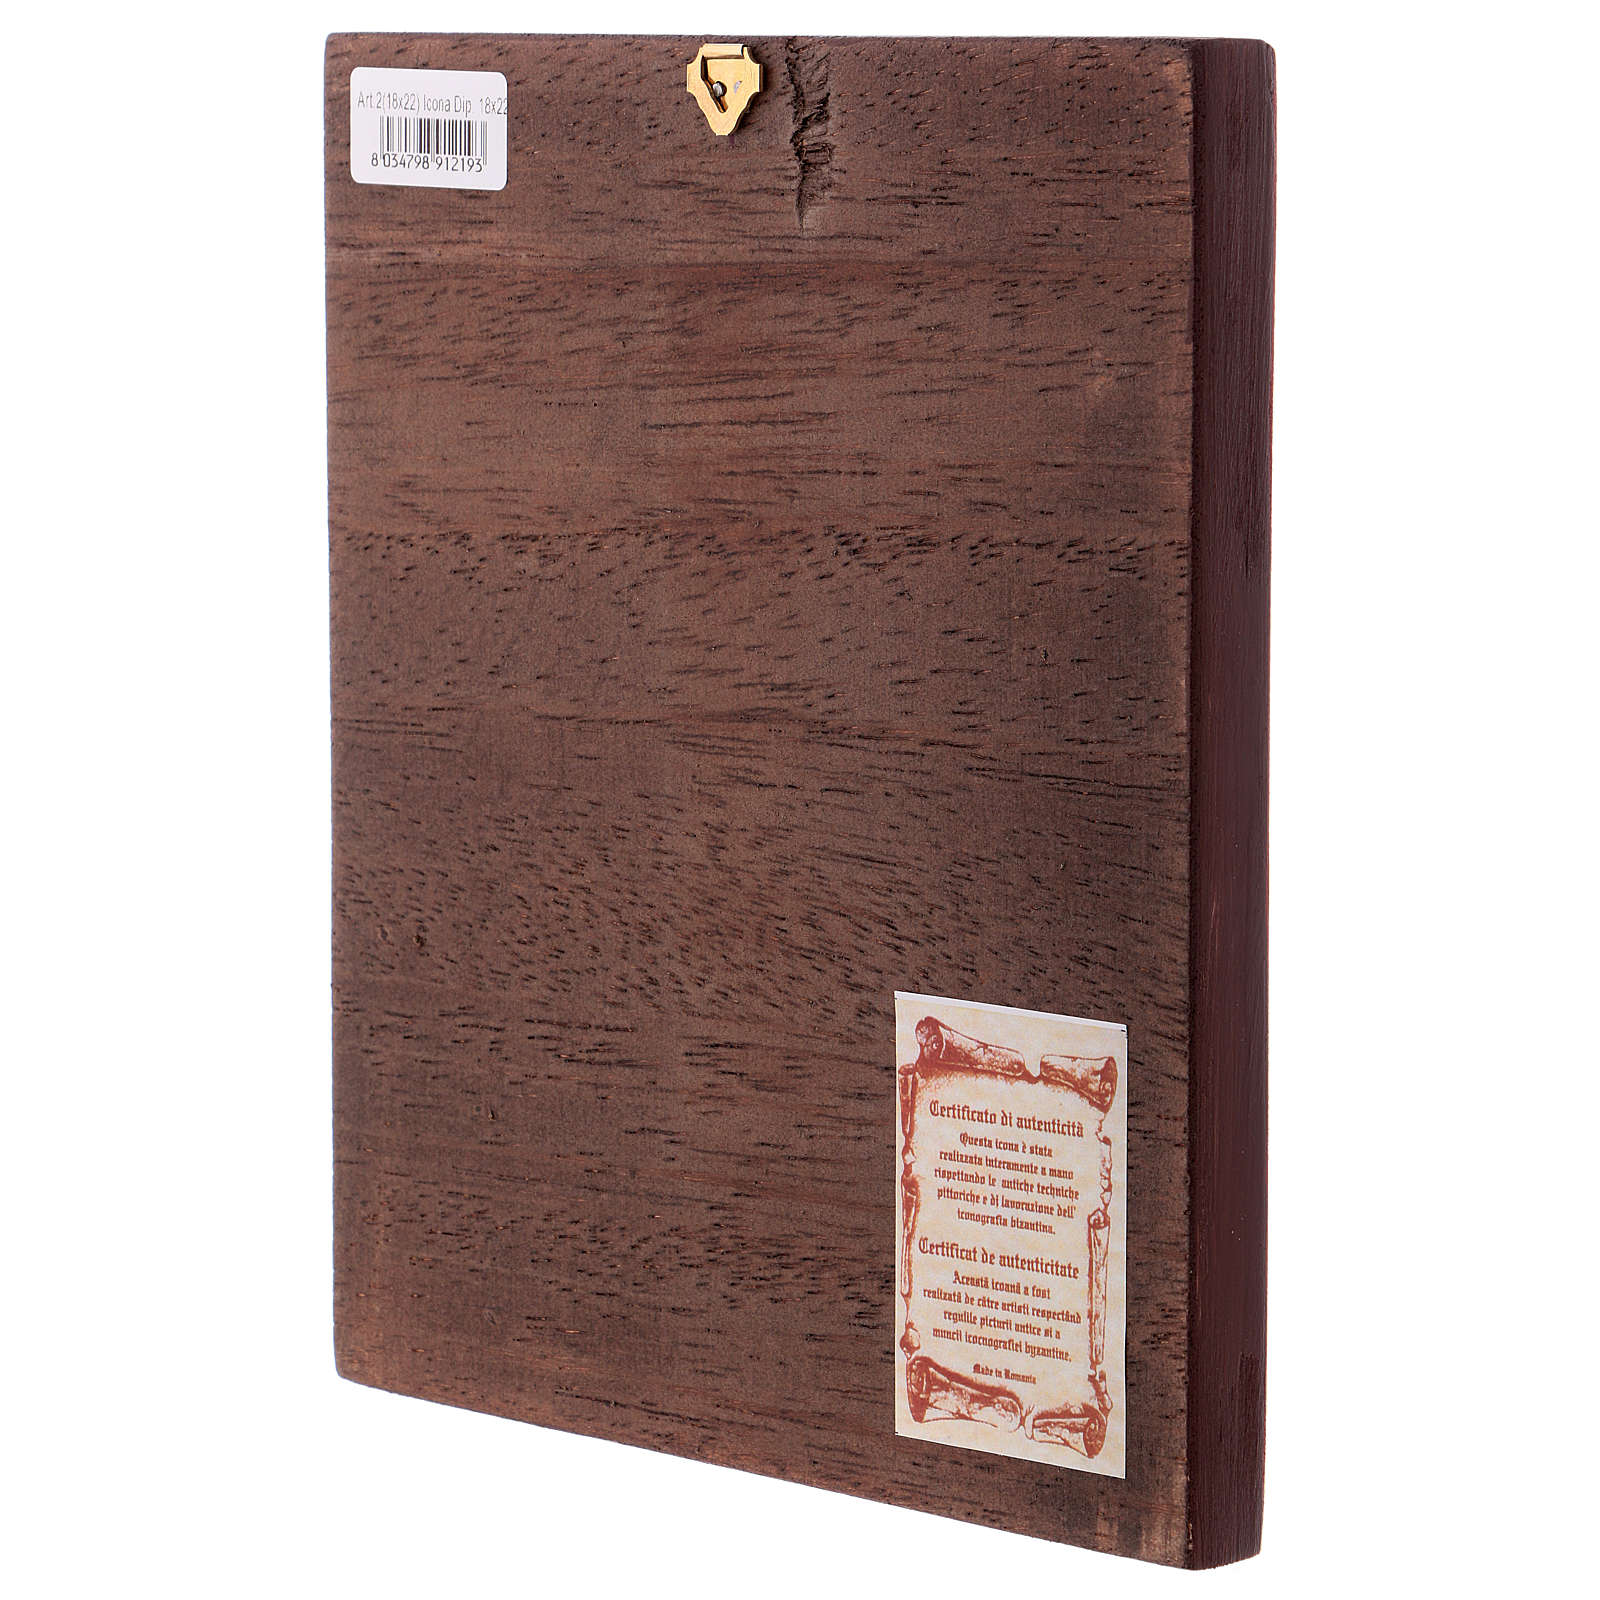 Icona Pantocratore libro aperto fondo oro 4